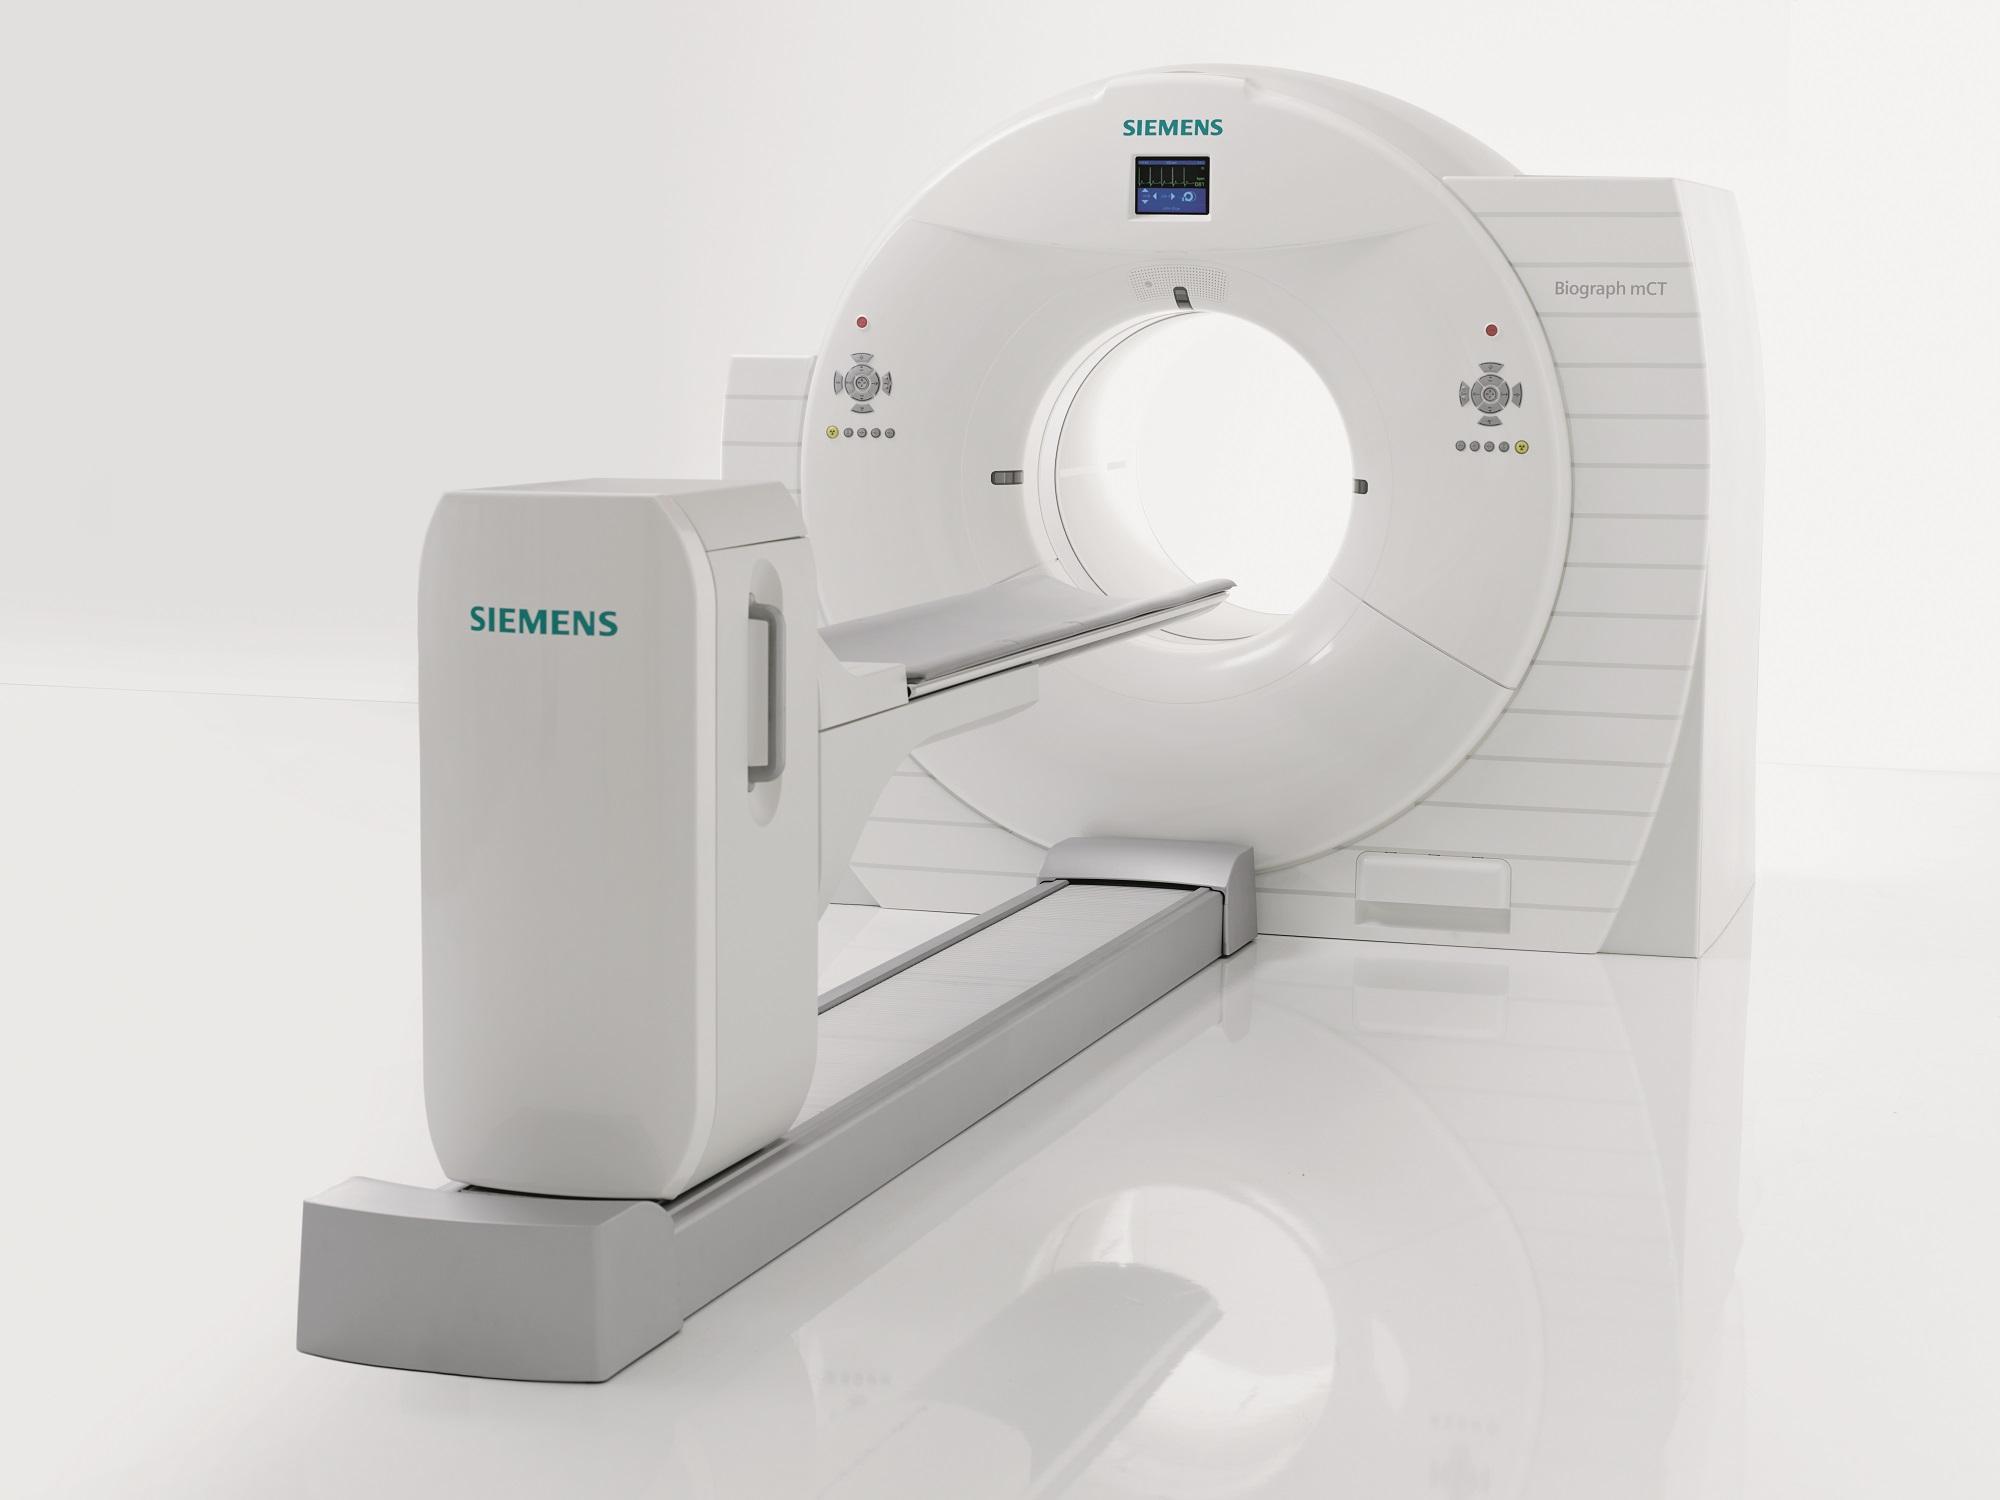 Δείτε πως μια νέα πρωτοποριακή εξέταση εντοπίζει τον καρκίνο του προστάτη!